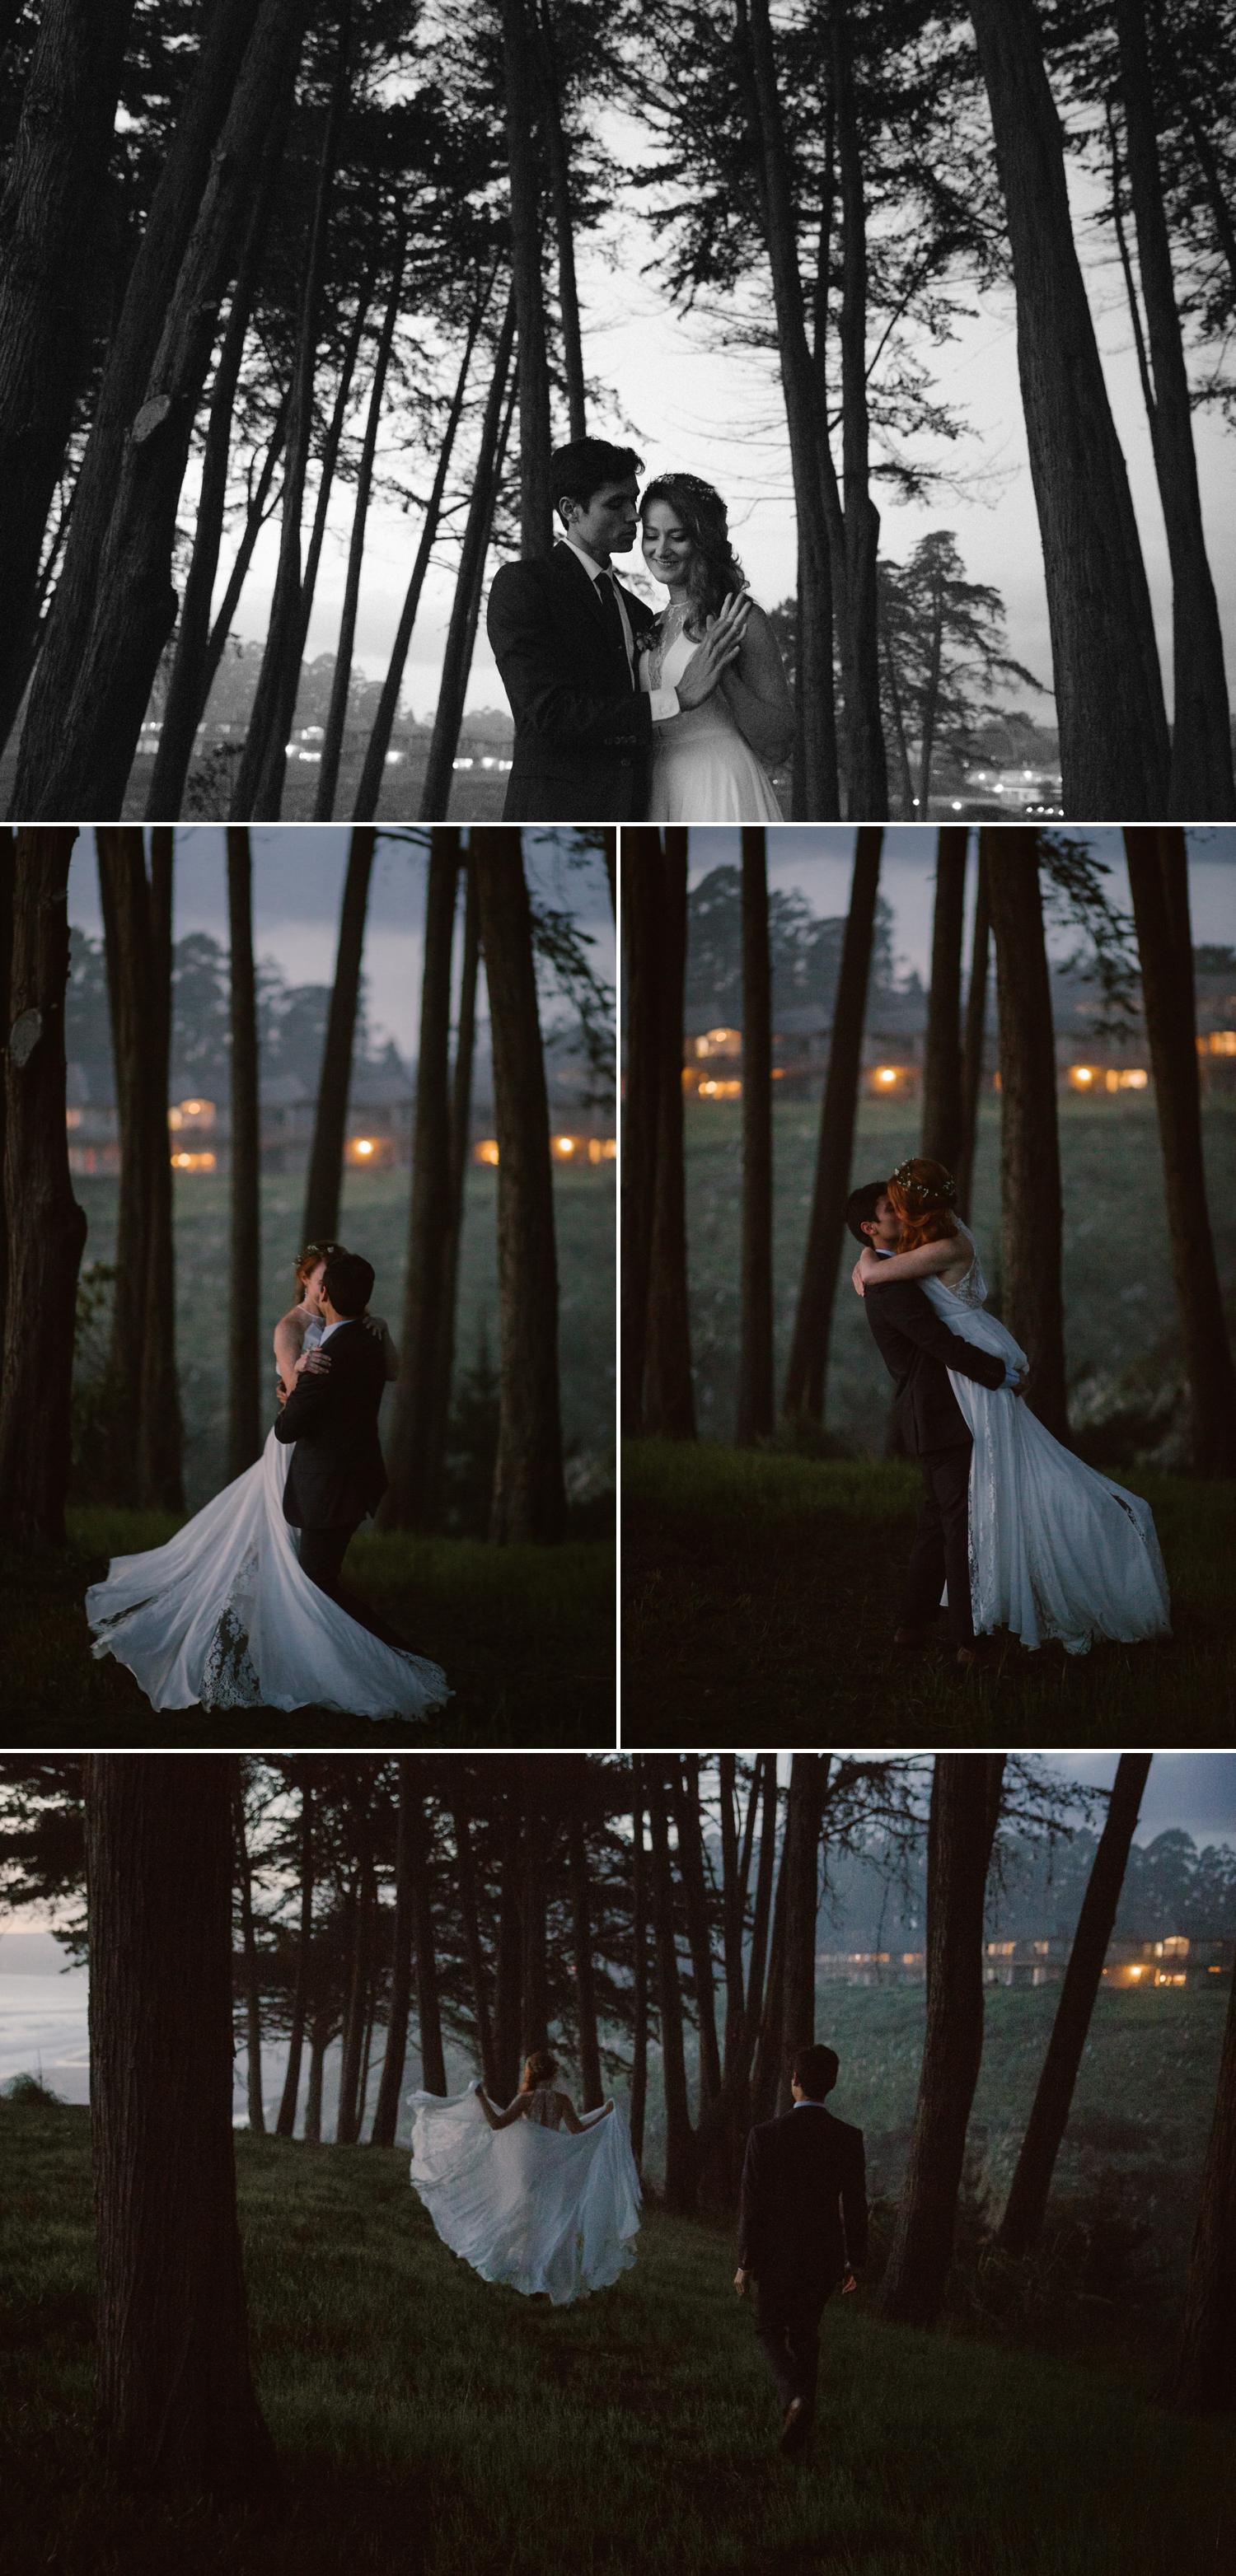 Twilight wedding portraits in Santa Cruz by Paige Nelson